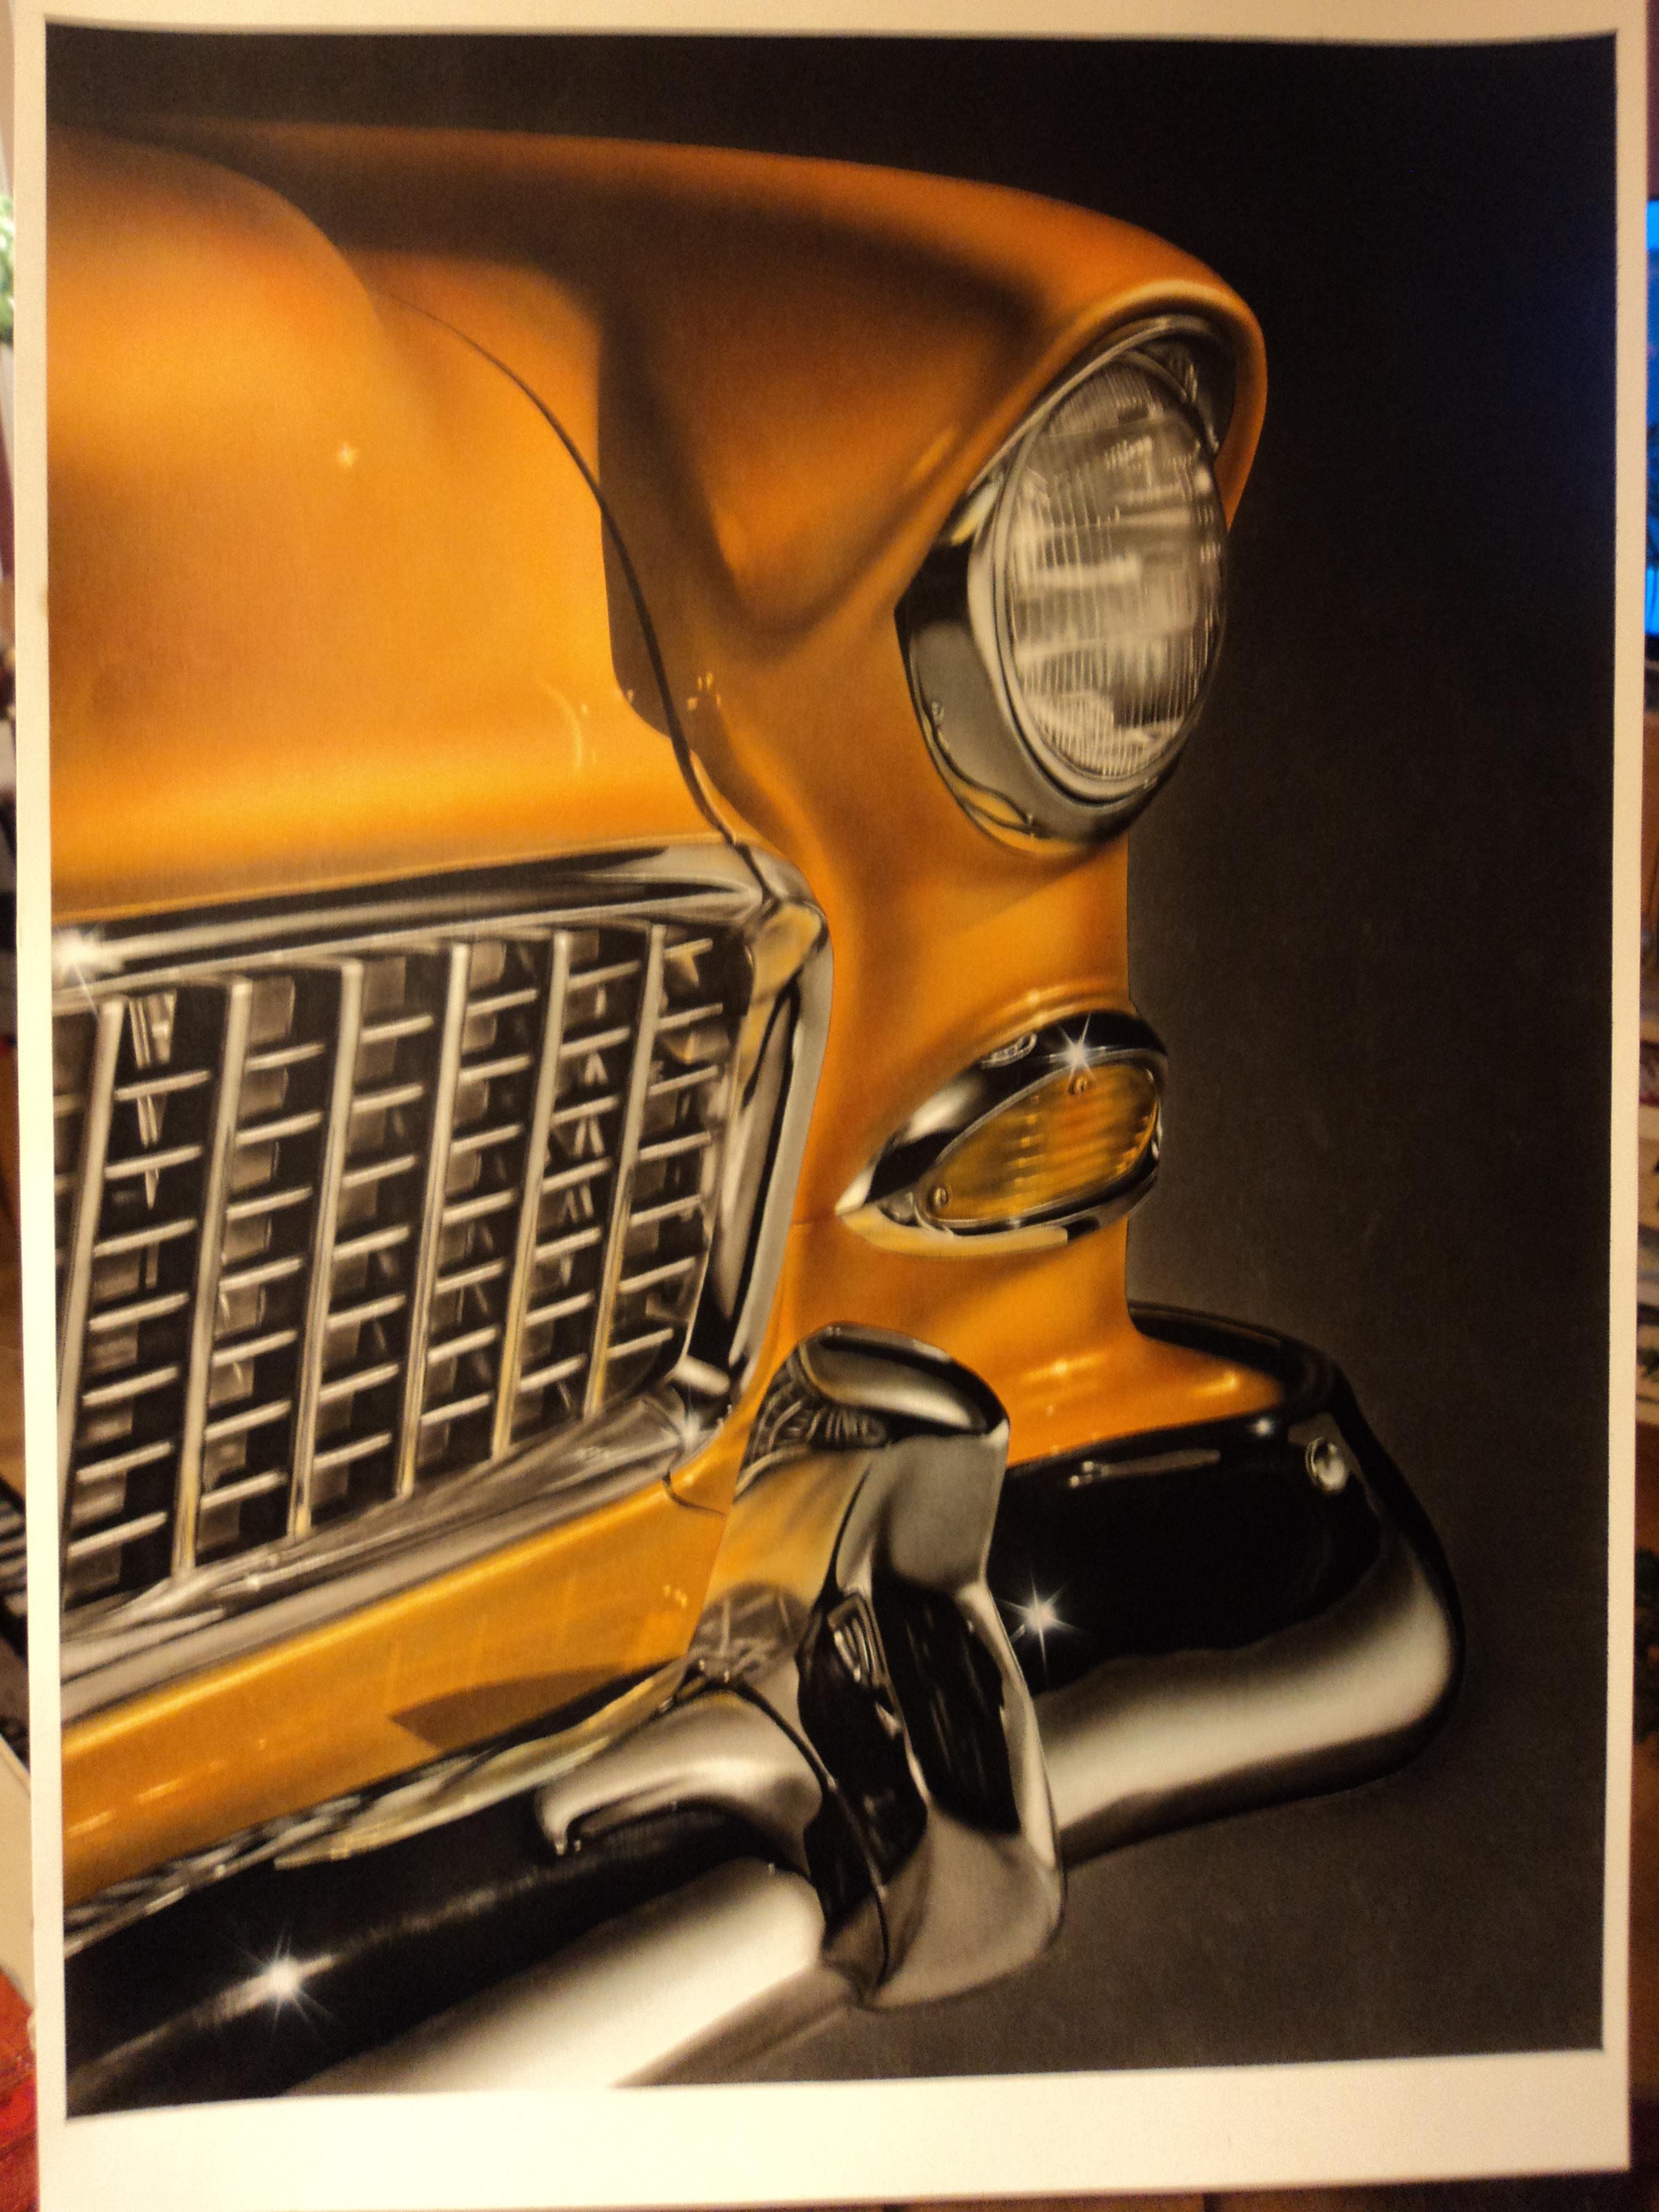 Chevy55 Chrom Design